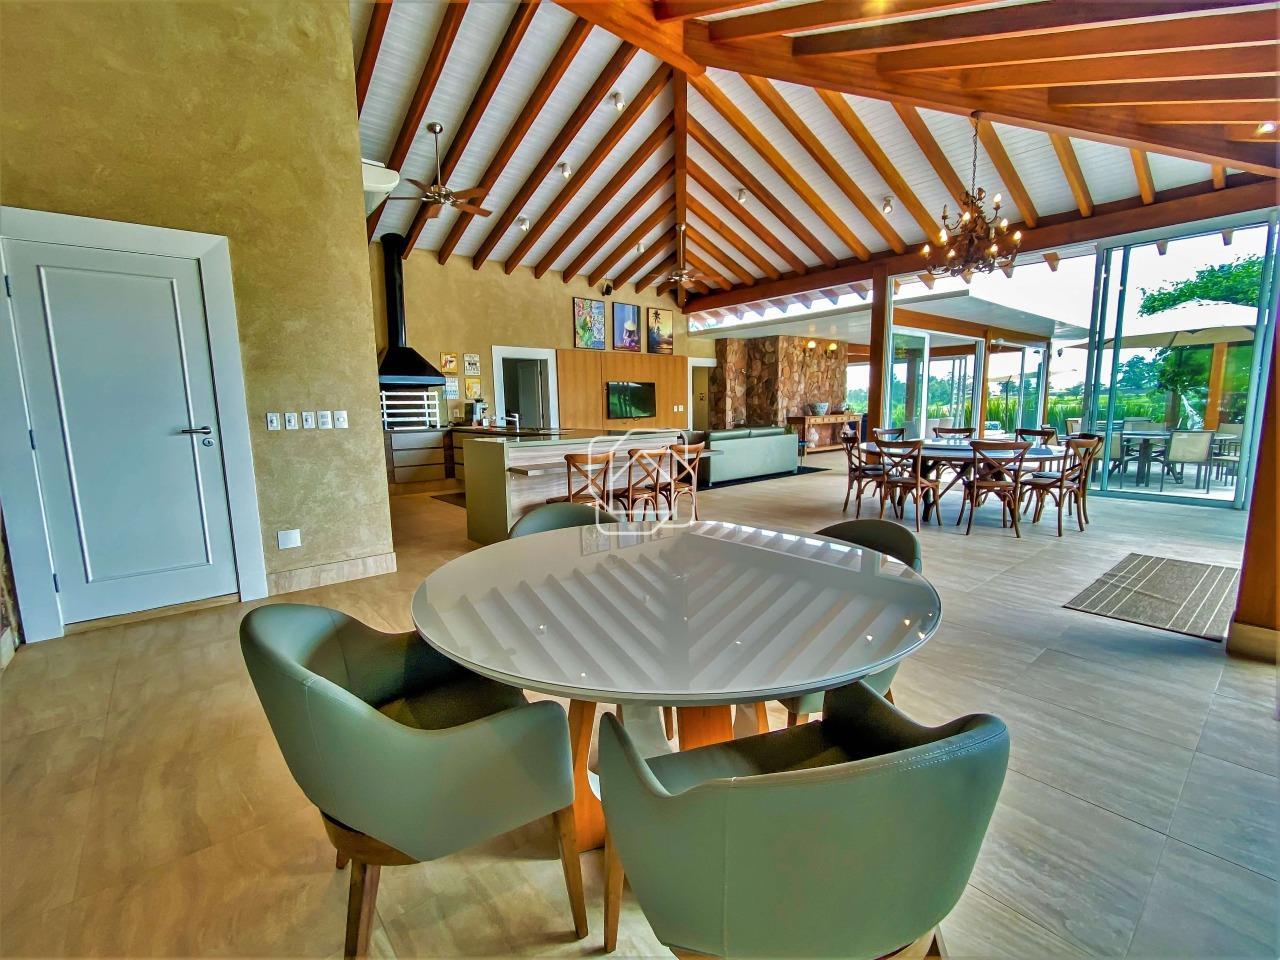 Casa de Condomínio para aluguel no Terras de São José II: Casa à venda no Condomínio Terras de São José II - Itu/SP